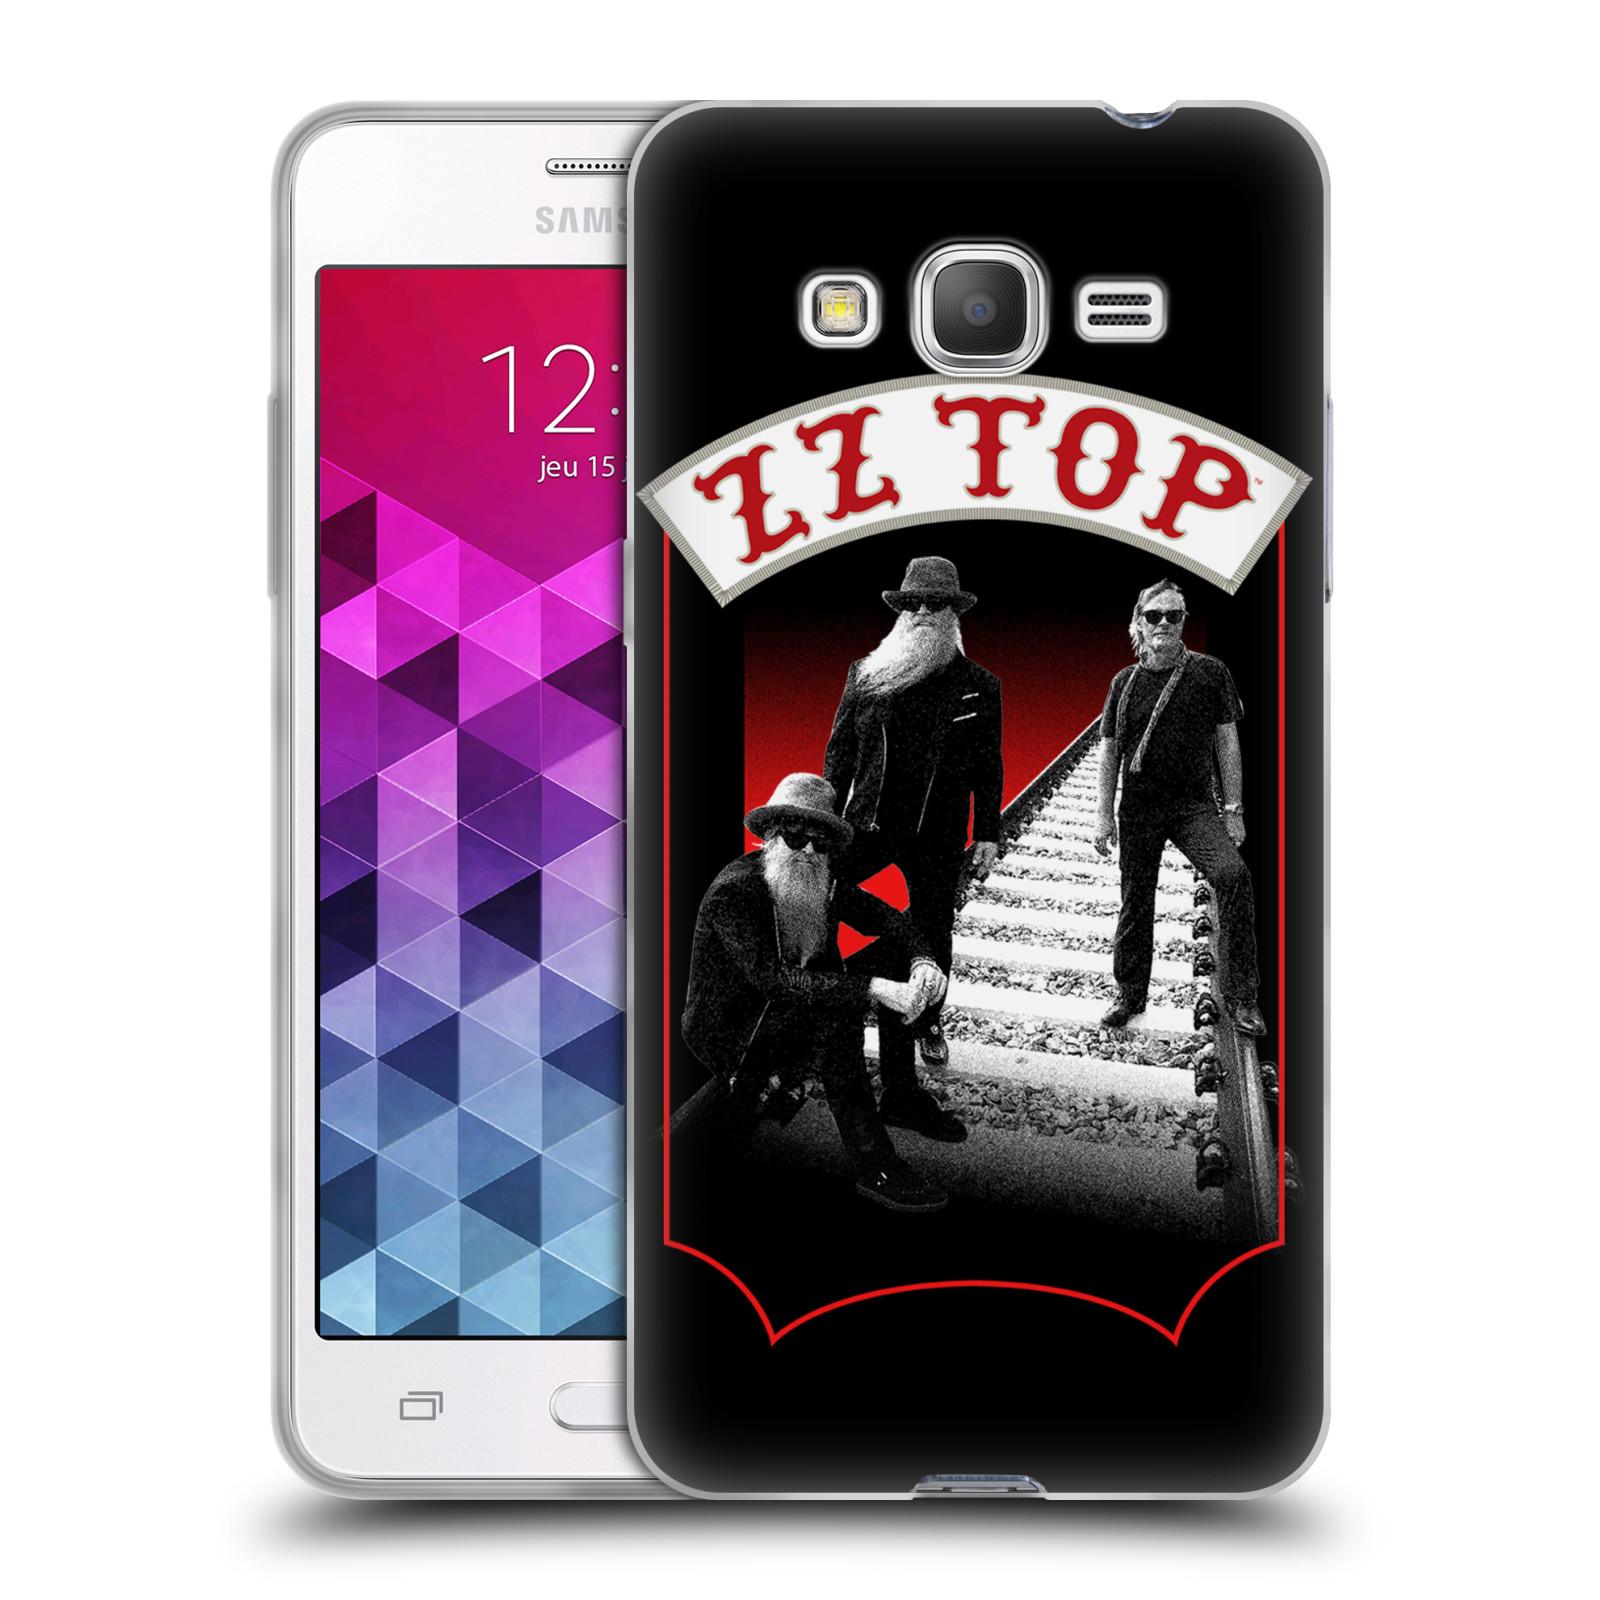 HEAD CASE silikonový obal na mobil Samsung Galaxy Grand Prime ZZ Top koleje zpěváci